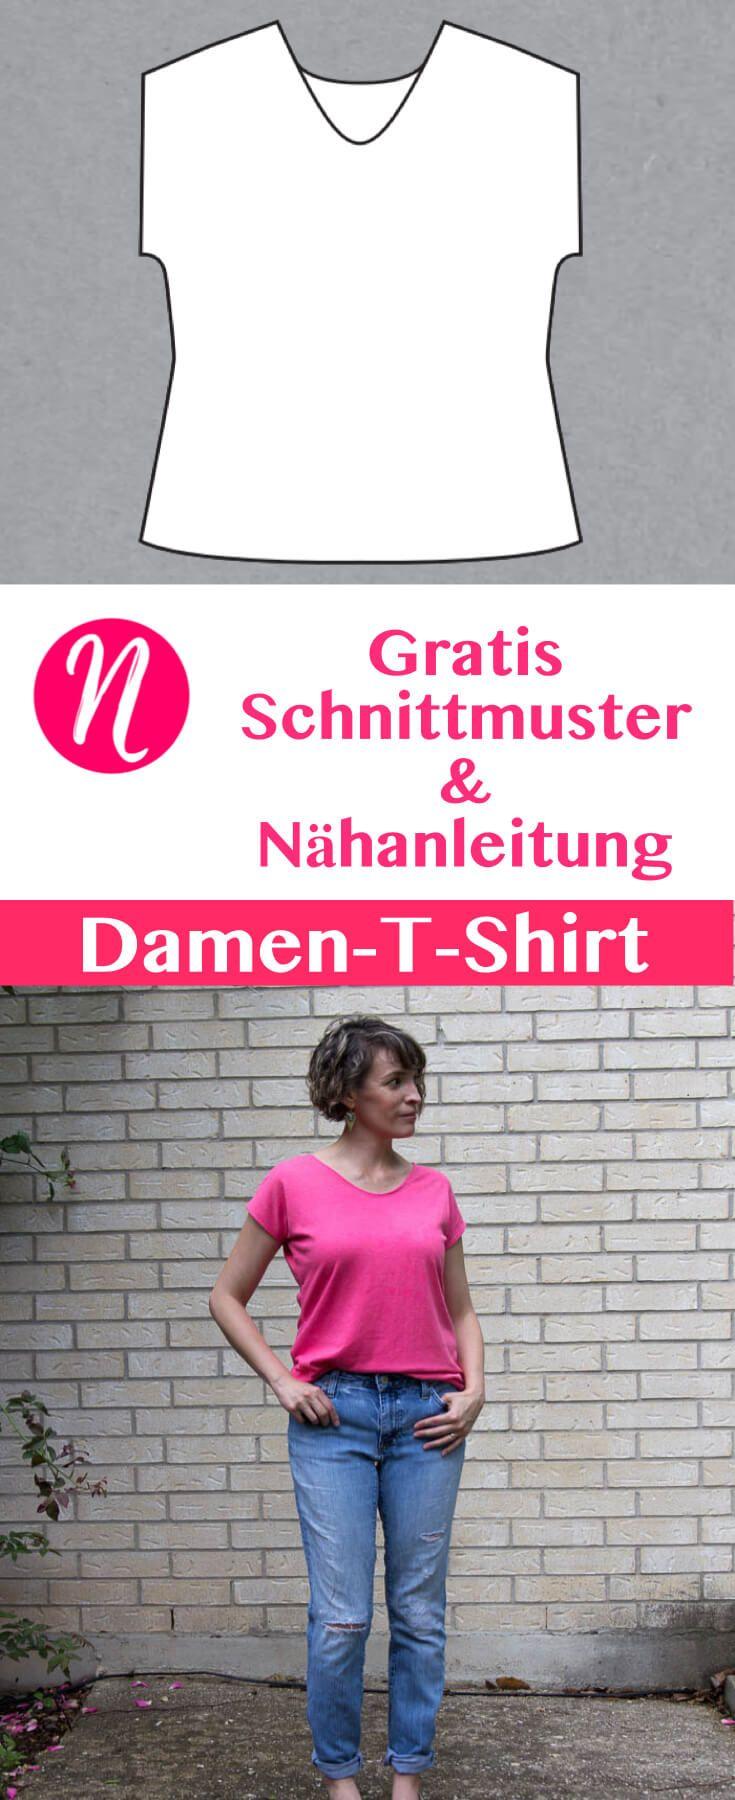 Photo of Damen-T-Shirt mit V-Ausschnitt